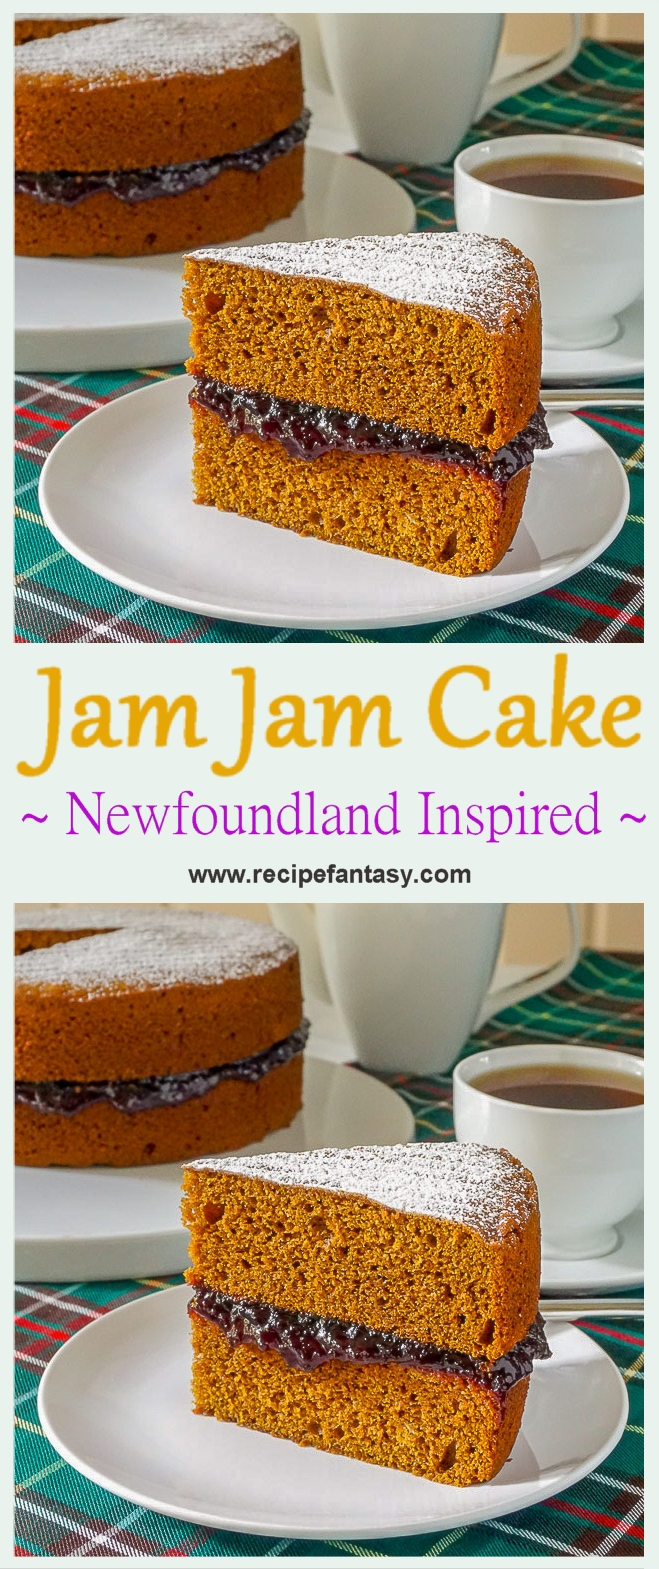 Jam Jam Cake